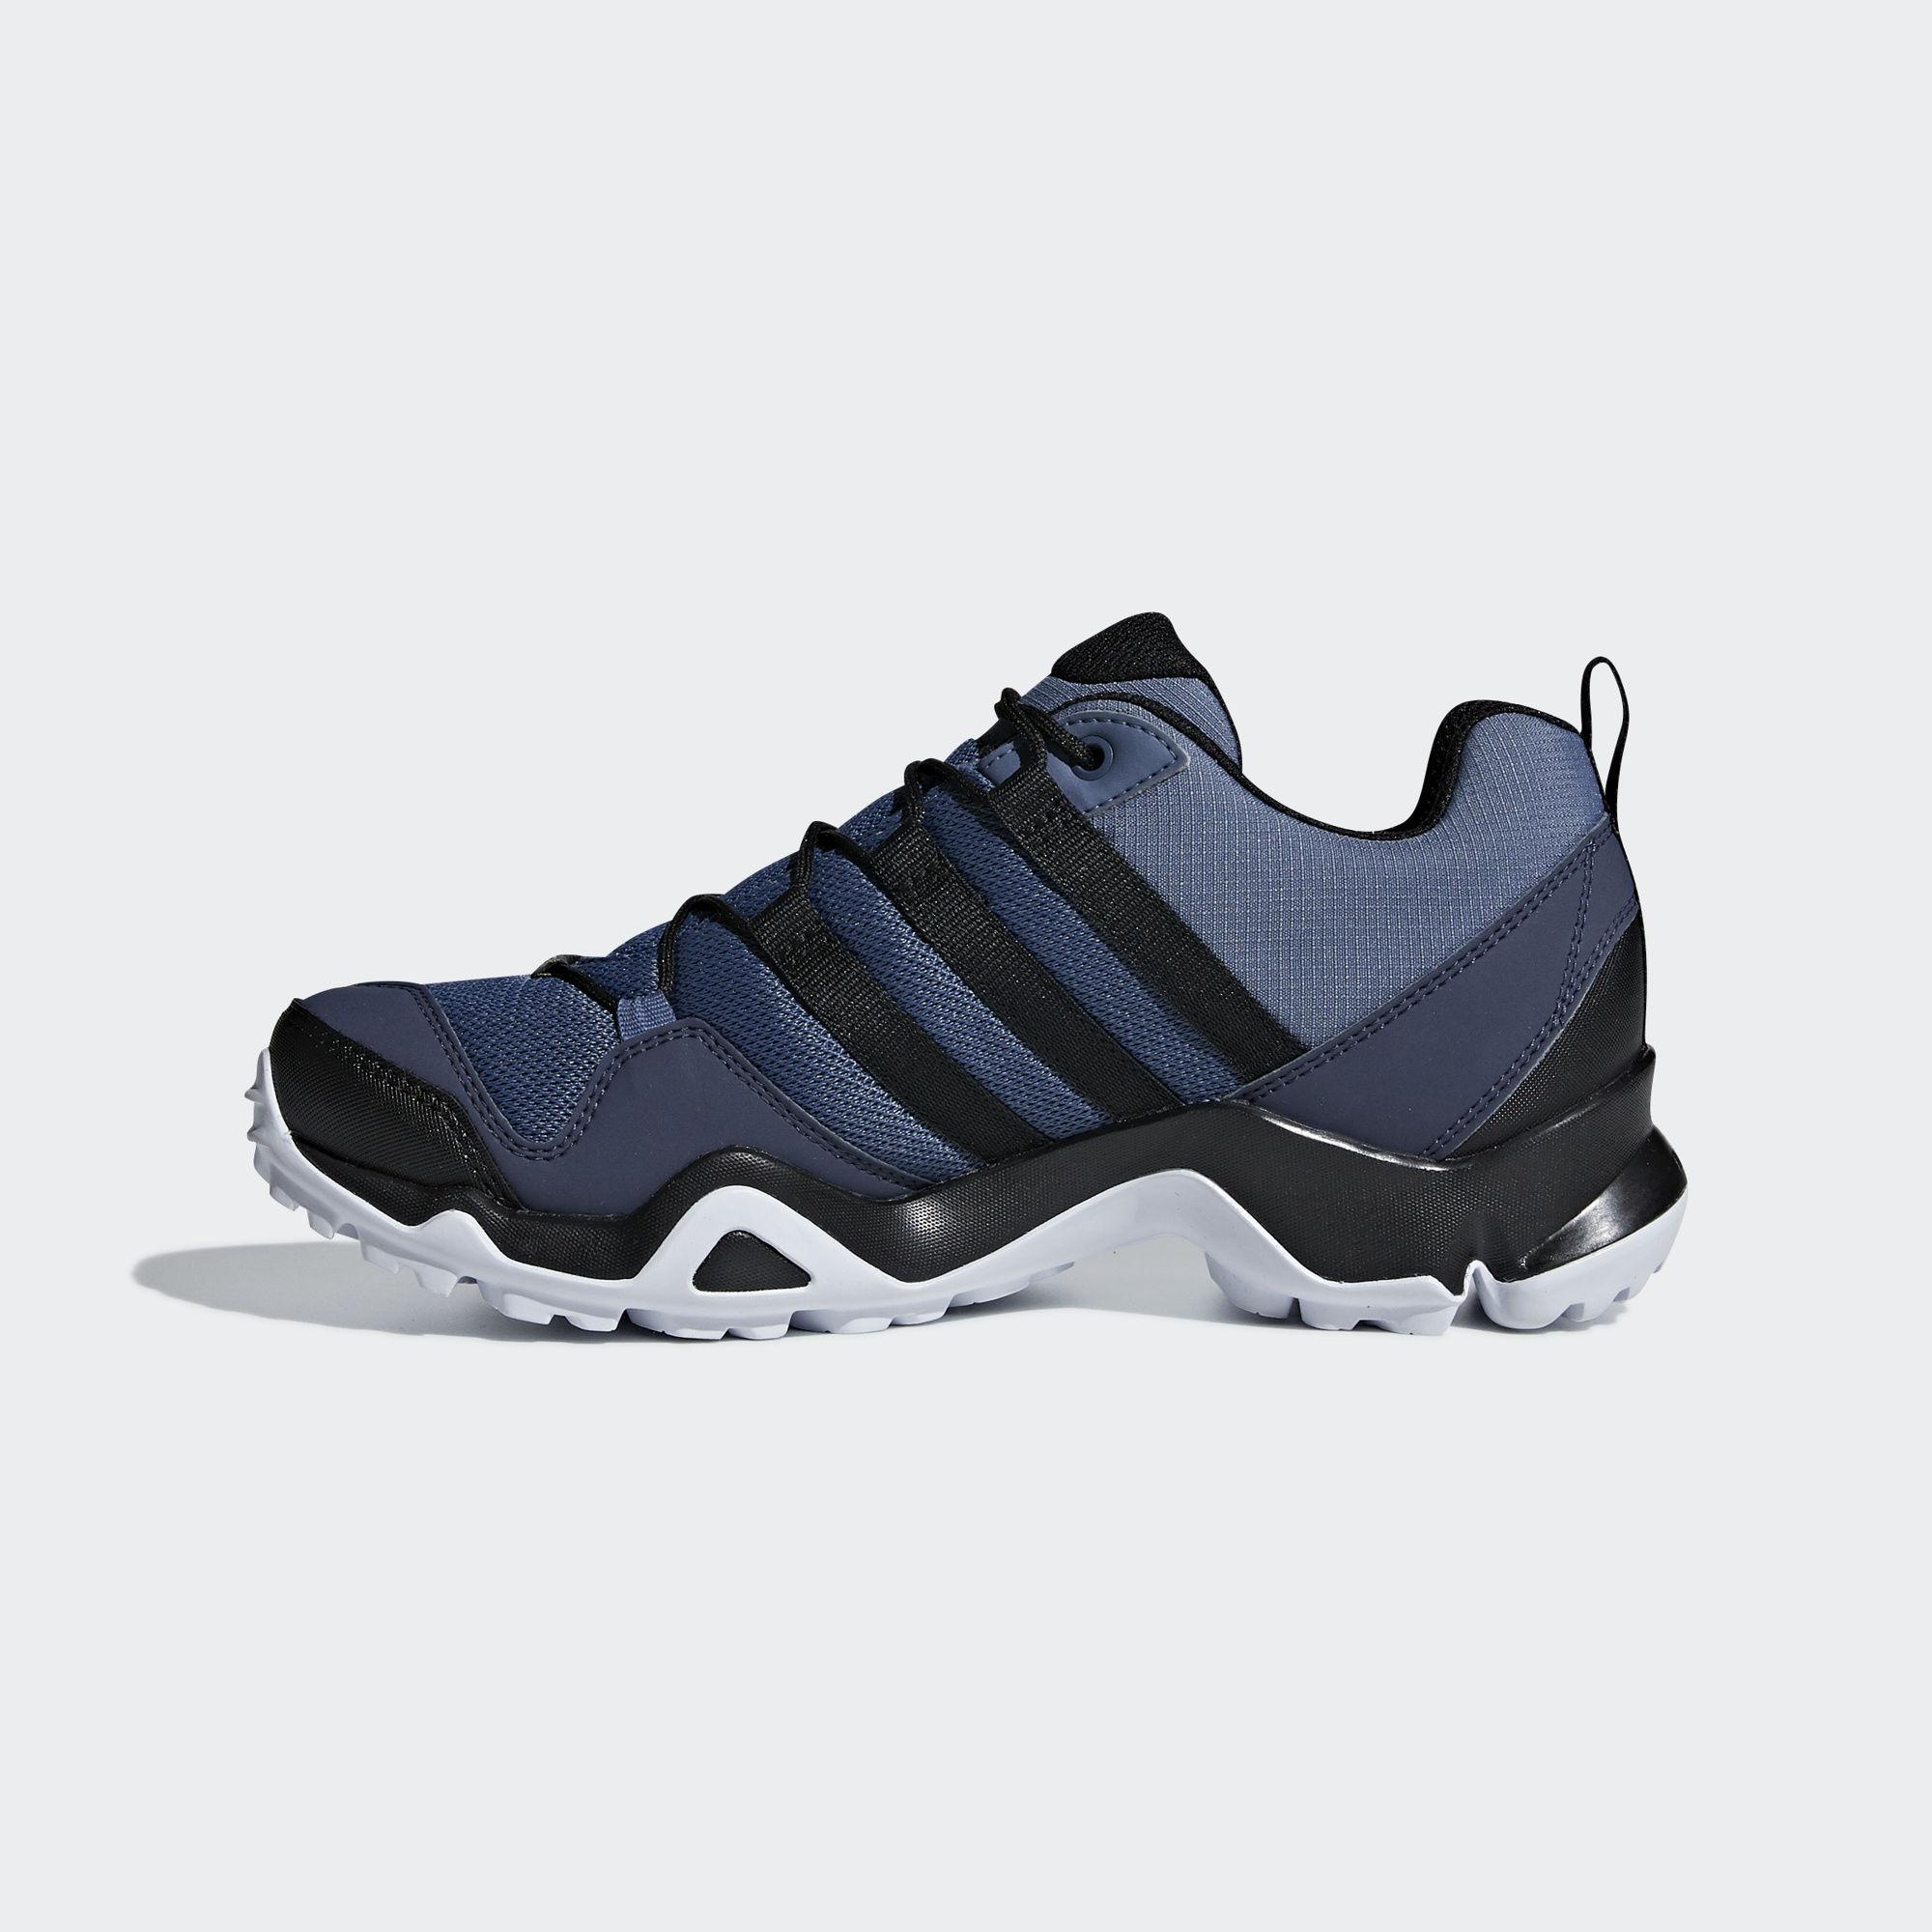 Adidas TERREX AX2R GTX Wanderschuhe Damen Damen Damen Raw Steel   Core schwarz   Aero Blau im Online Shop von SportScheck kaufen Gute Qualität beliebte Schuhe c05443